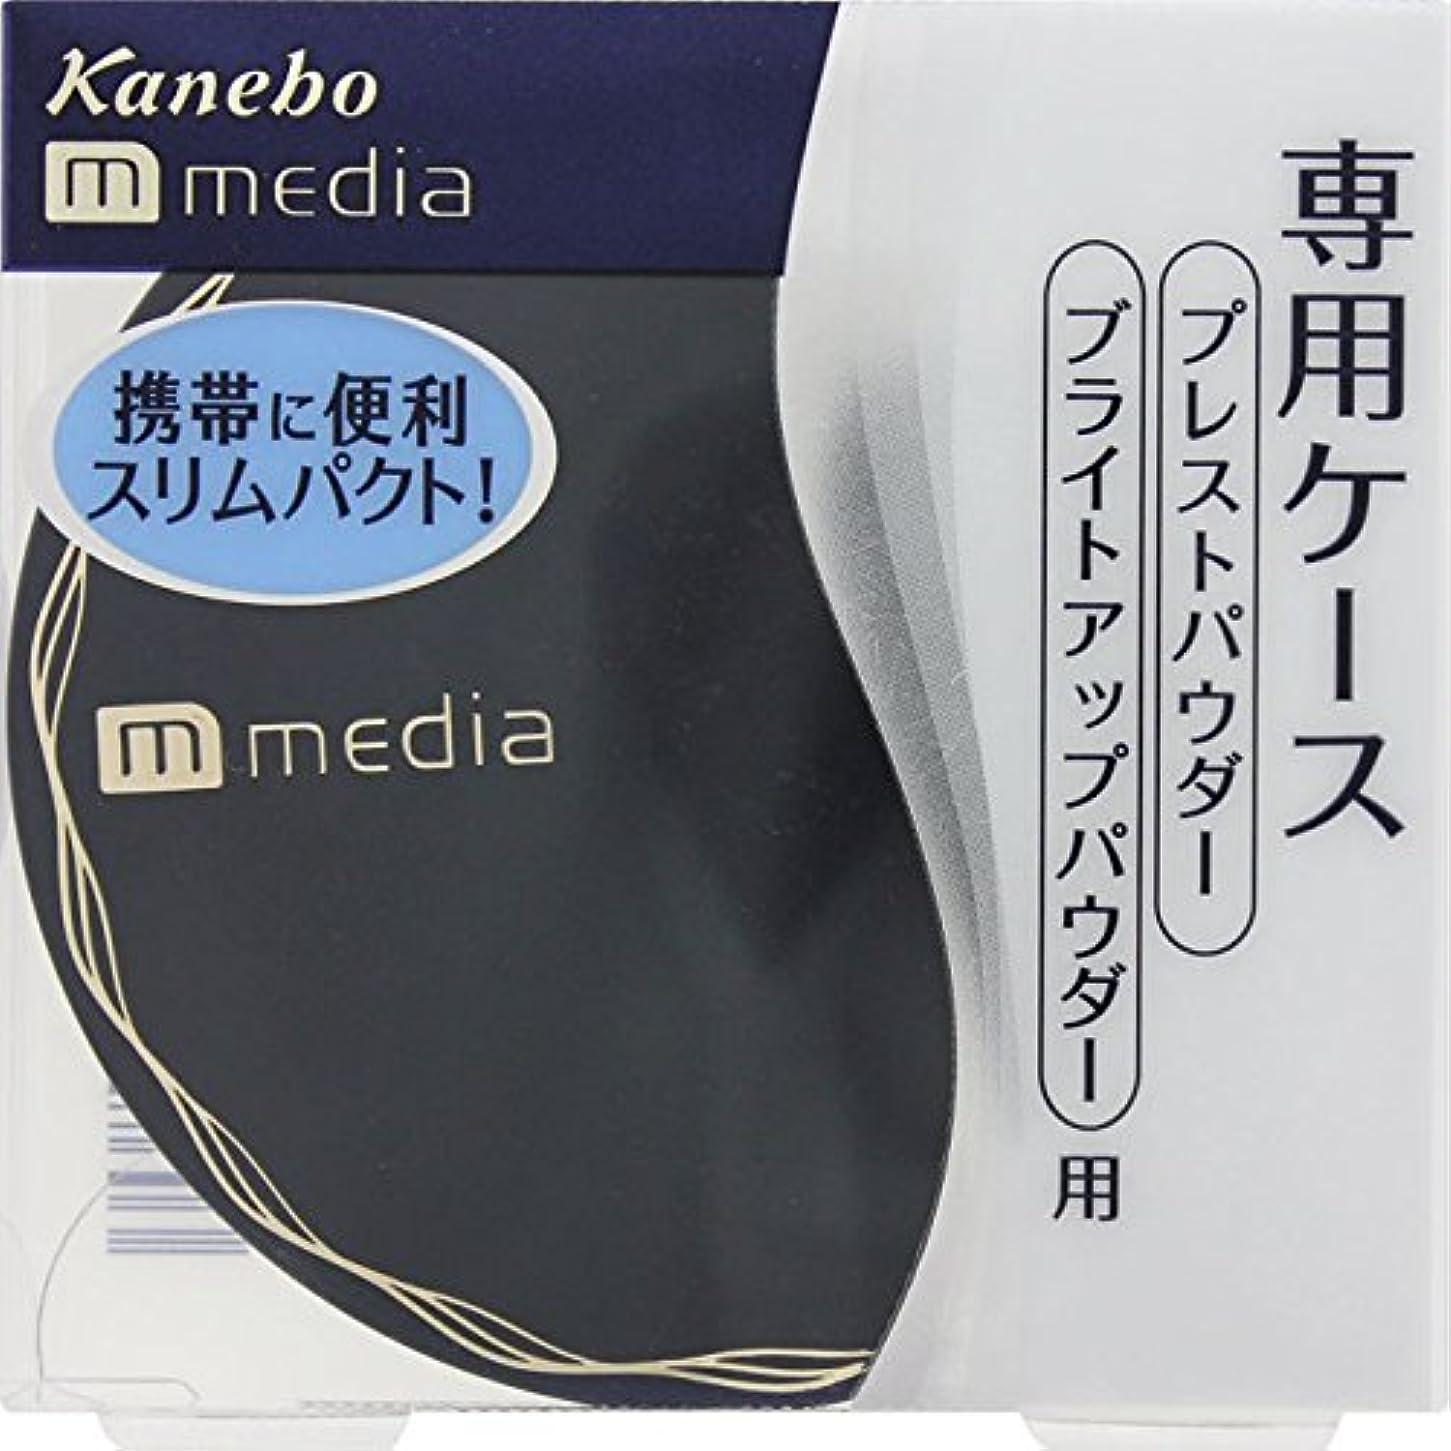 アークファイター死ぬカネボウ(Kanebo) メディア プレストパウダー用ケース